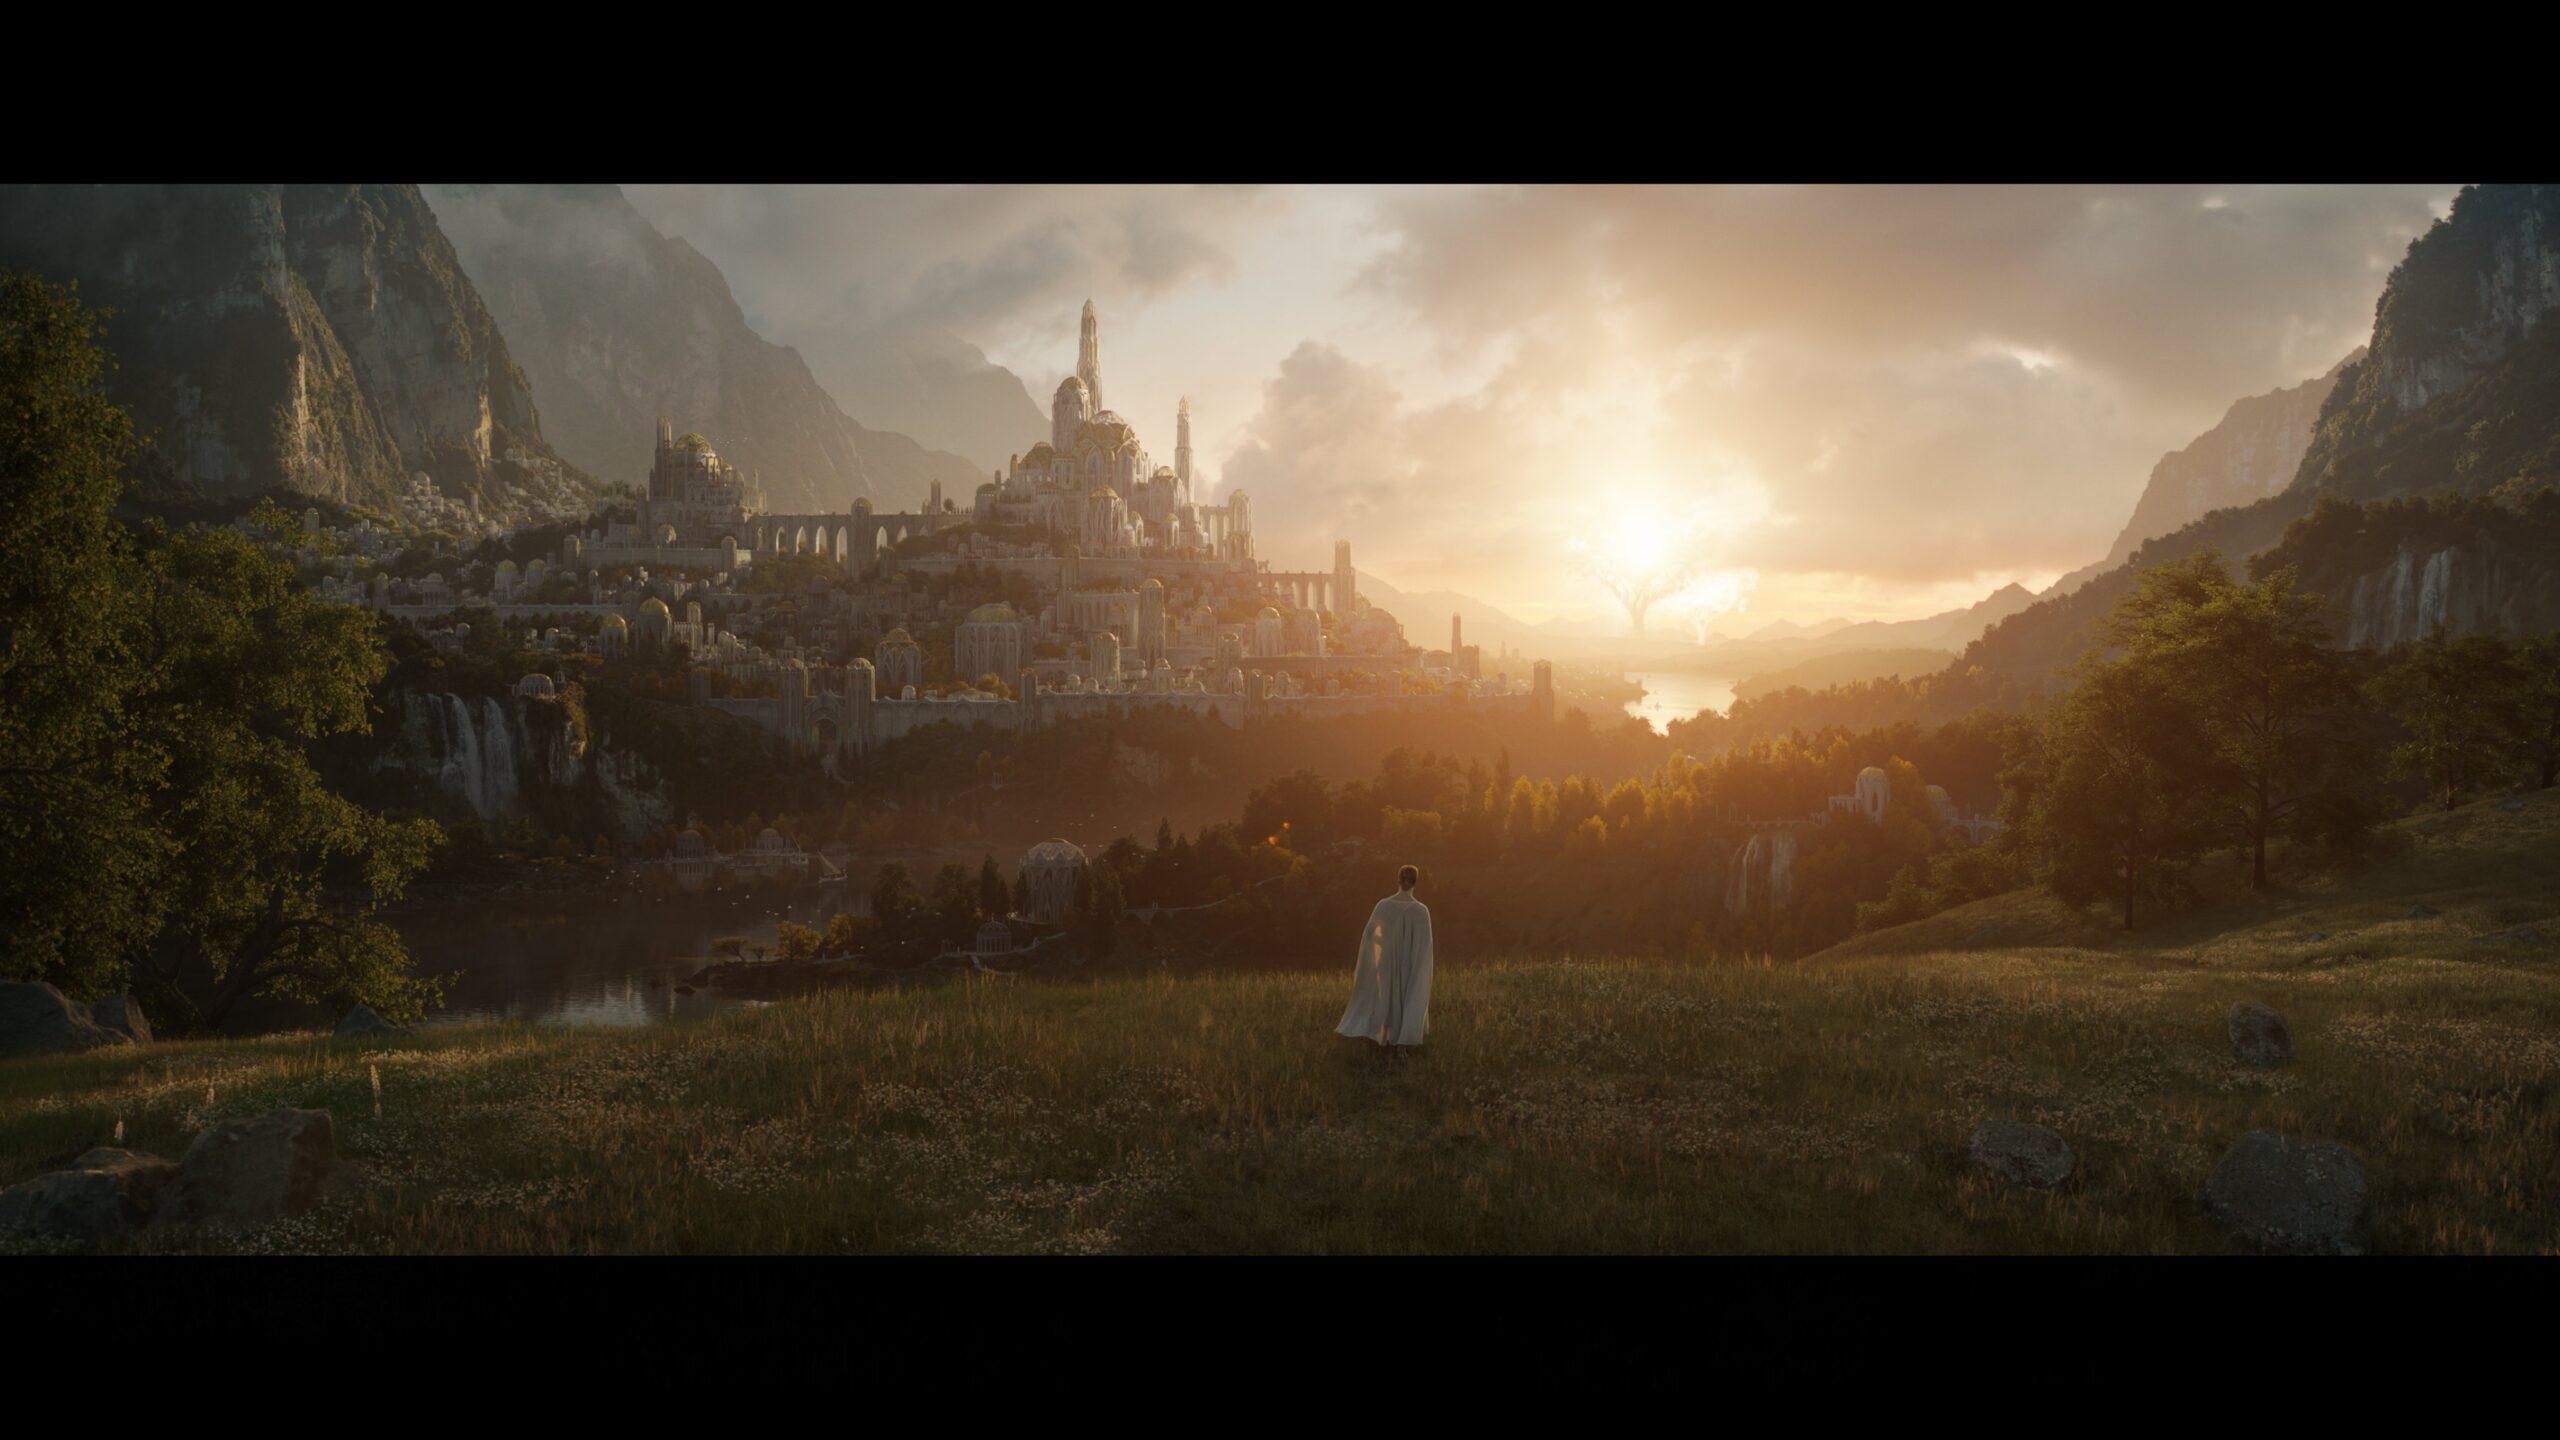 'El Señor de los Anillos': Primera imagen de la serie de Amazon Prime Video • En tu pantalla